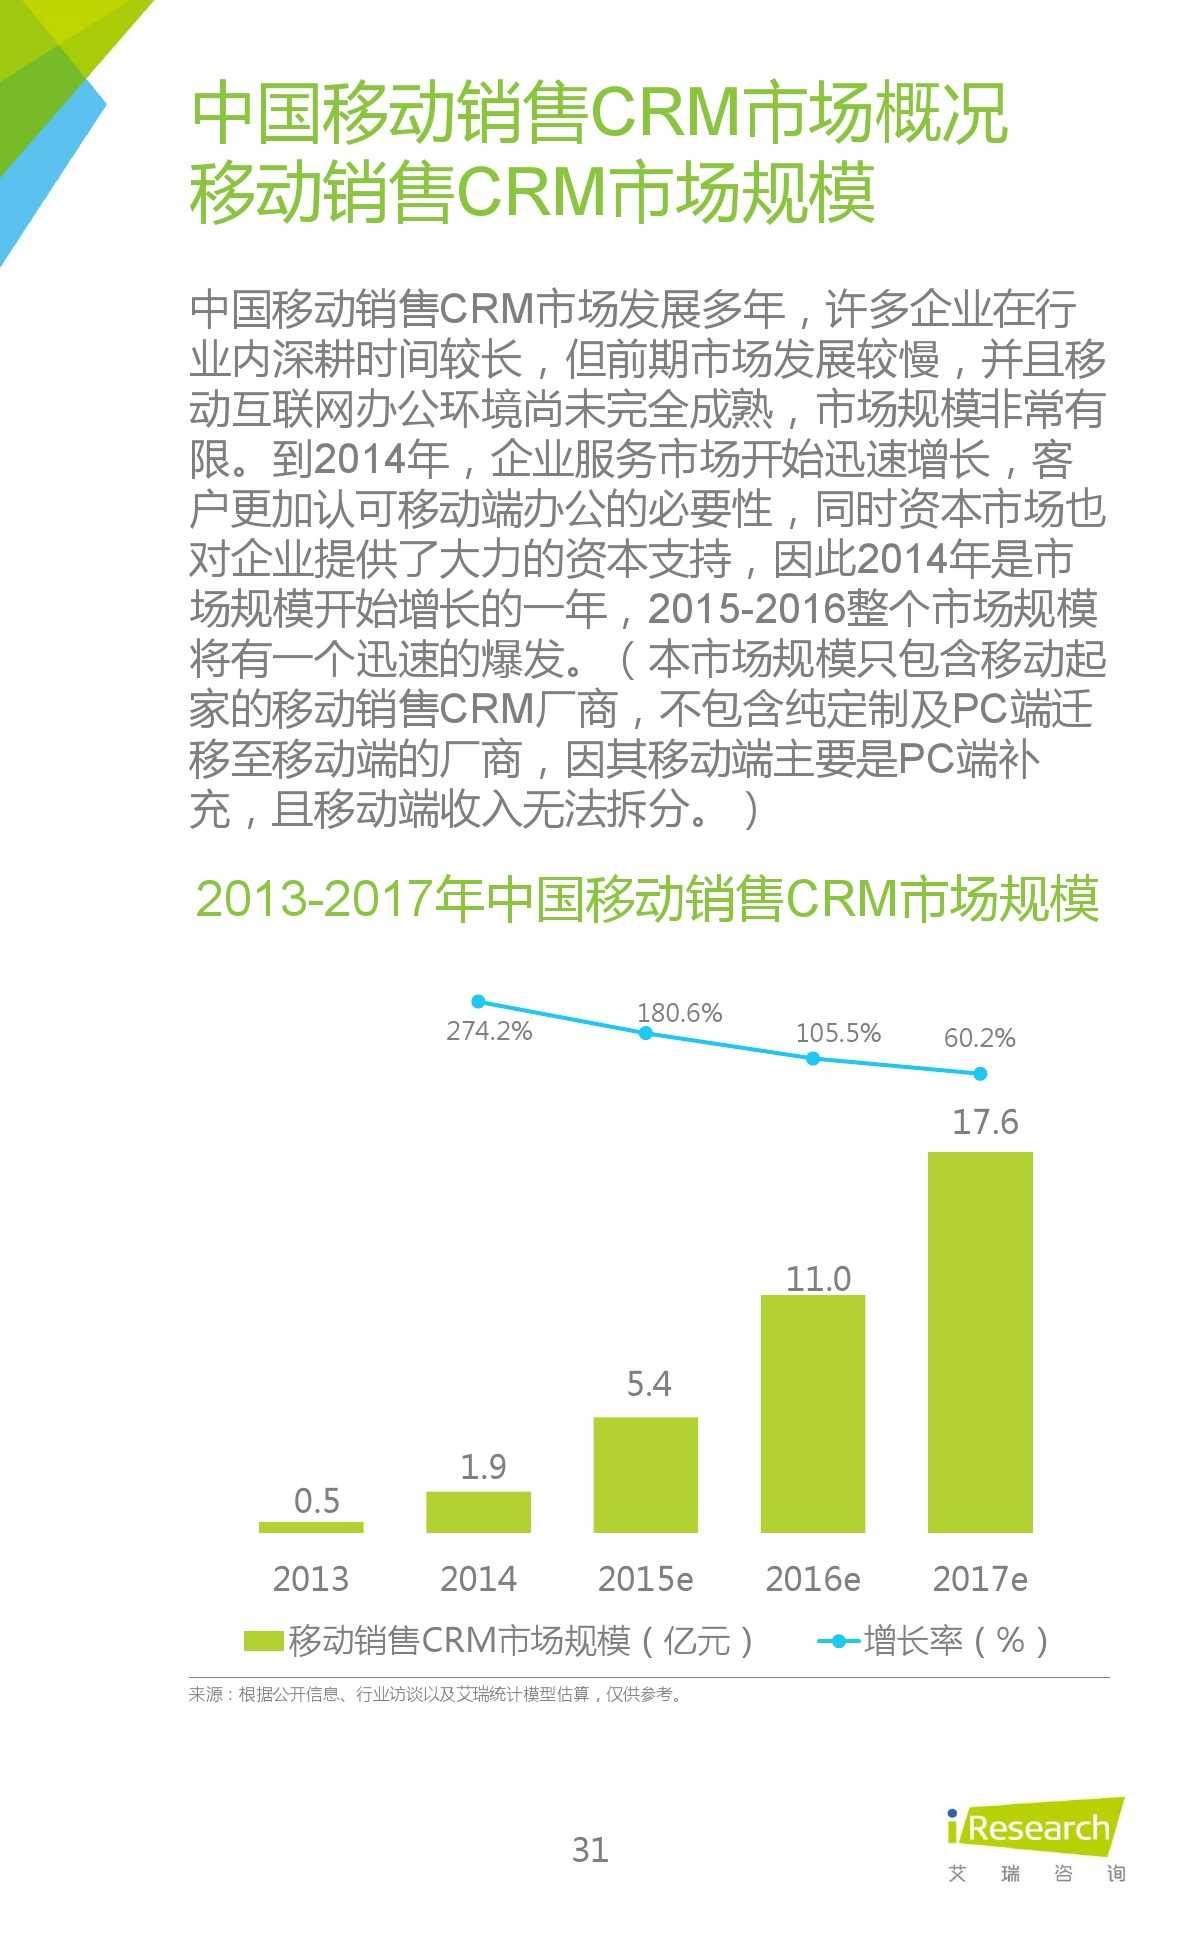 2015年中国移动销售CRM行业研究报告_000031